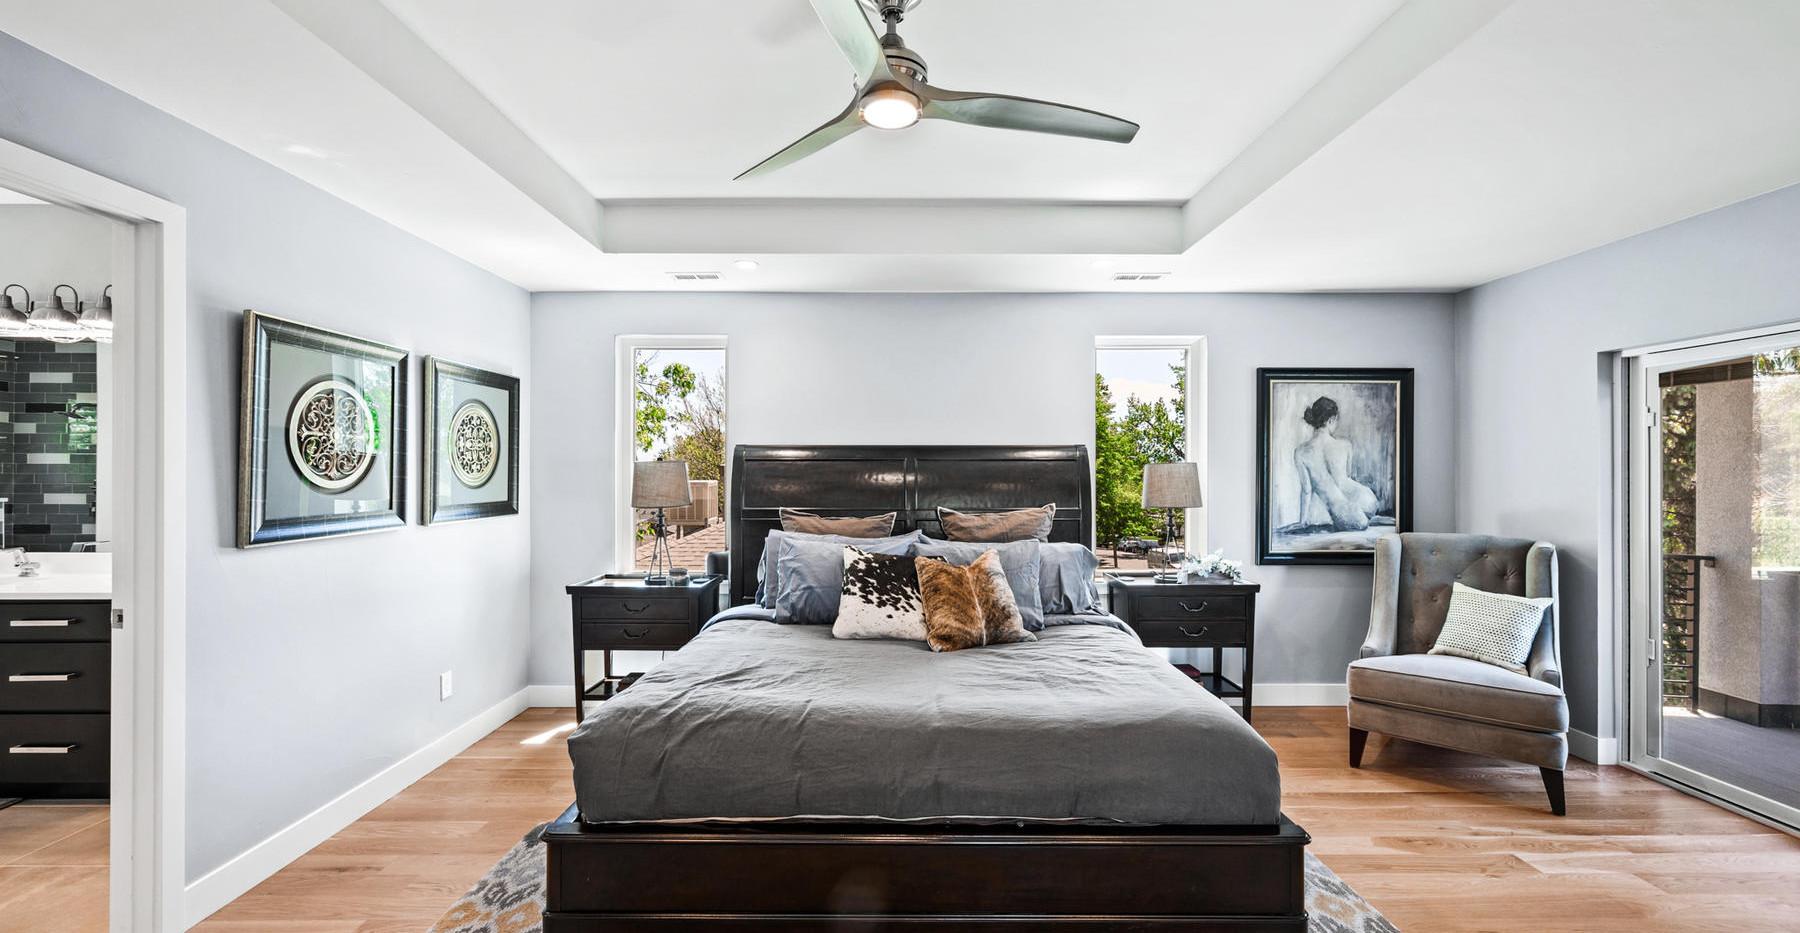 2540 Xavier Street-019-018-Bedroom-MLS_S